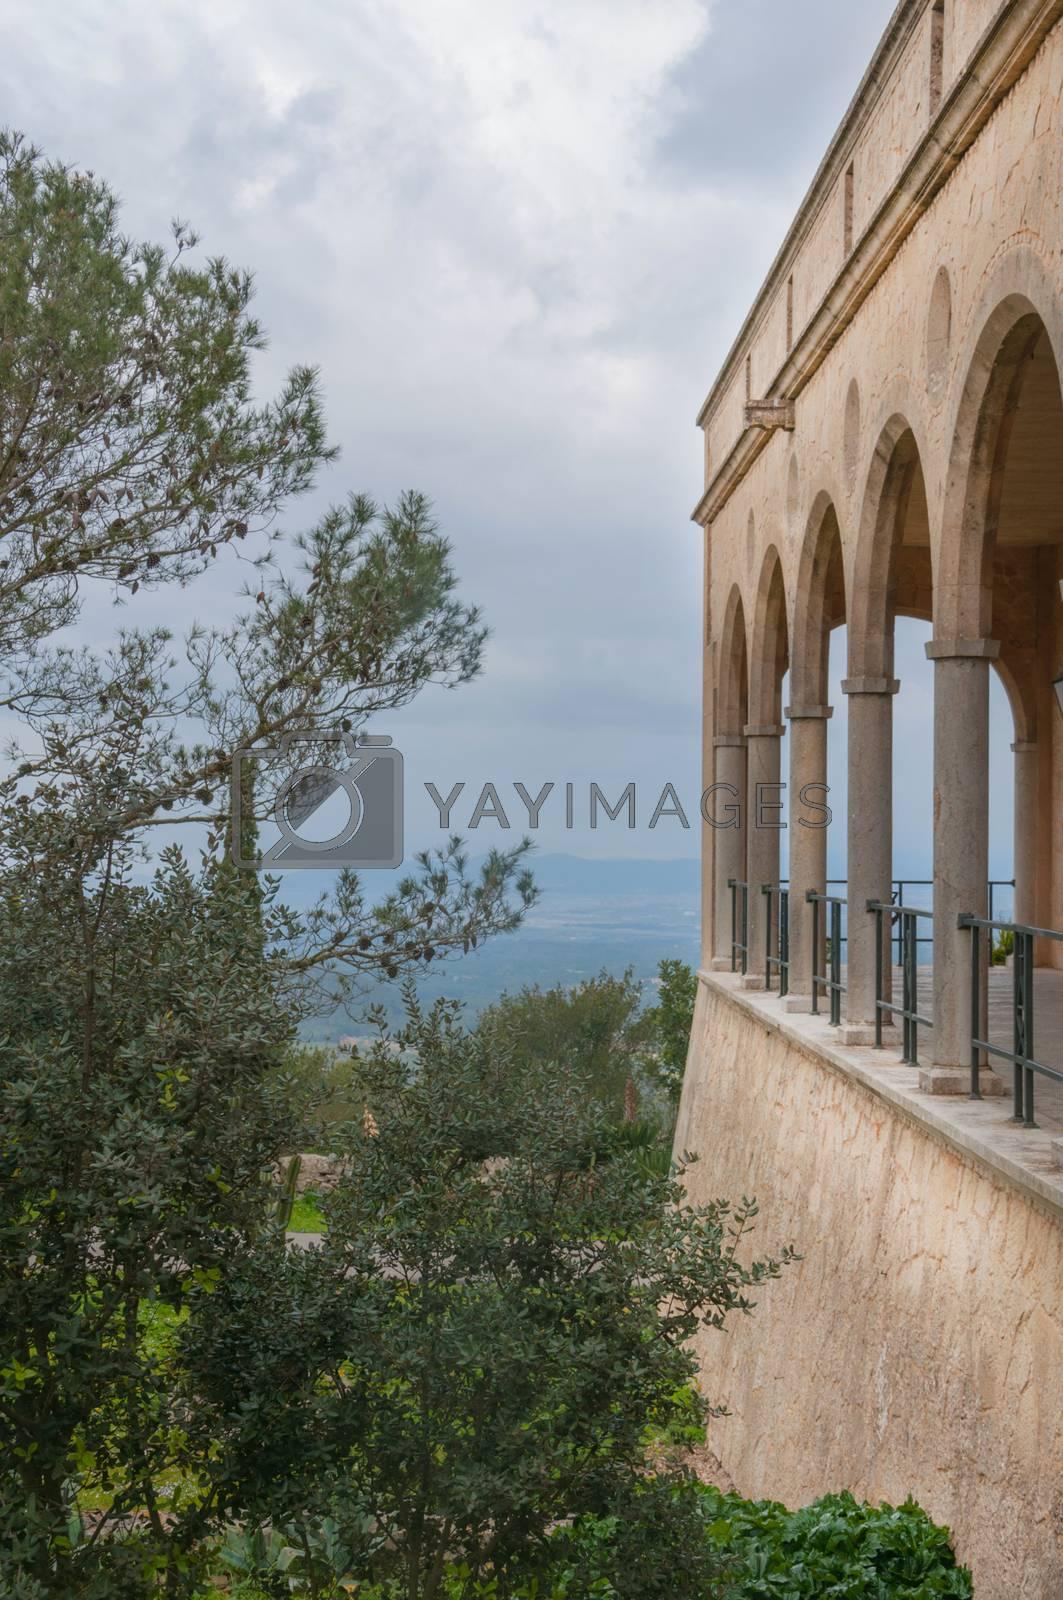 Monastery Santuari de Cura in Randa, Majorca. by Artesia Wells